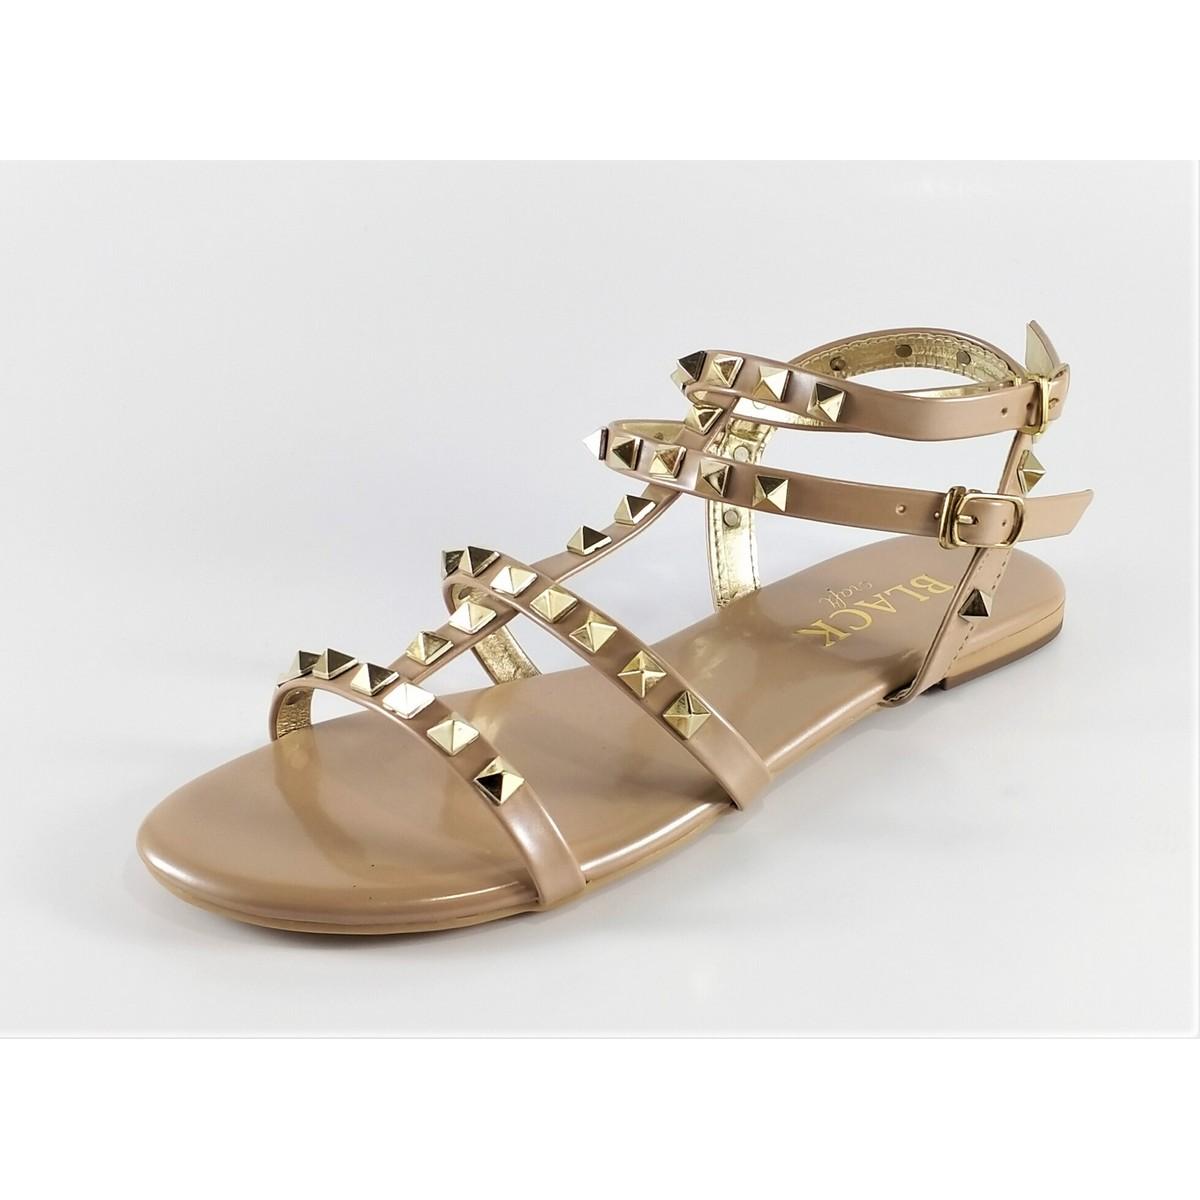 Ladies Sandals - Flat Sandals - Women Fashion - Fancy Romans - Black - Nude Color